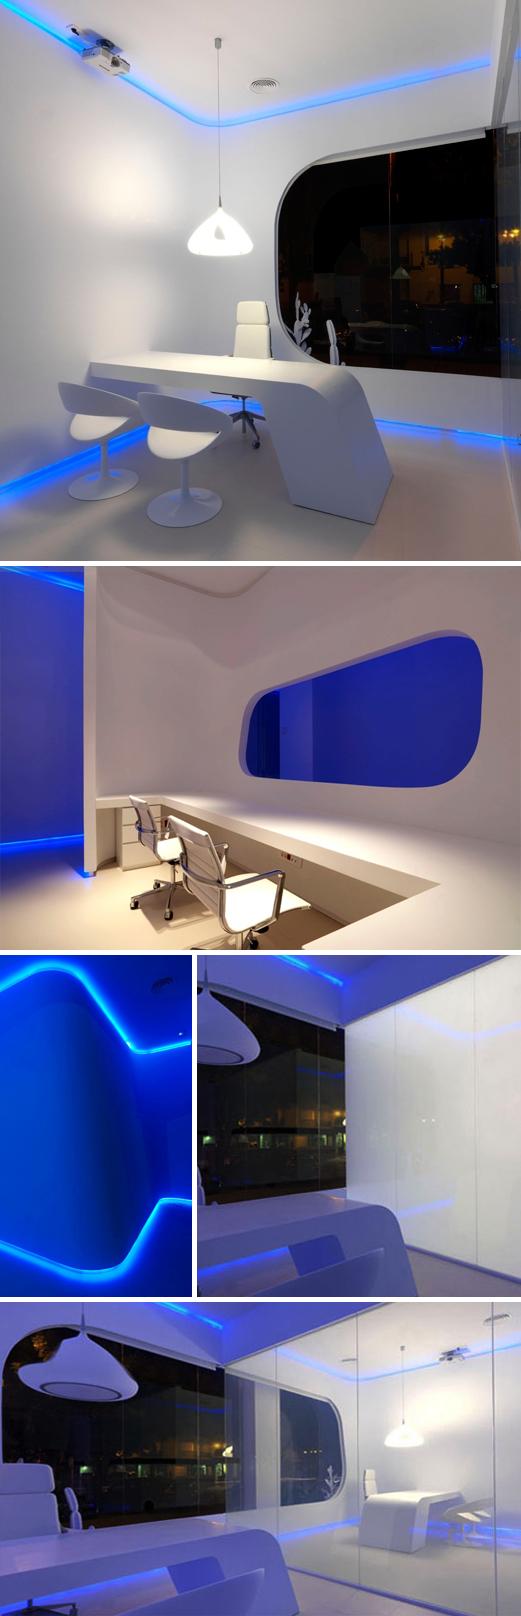 Hidrosalud Offices, Cub Arquitectura, interior design, cool office design, lighting